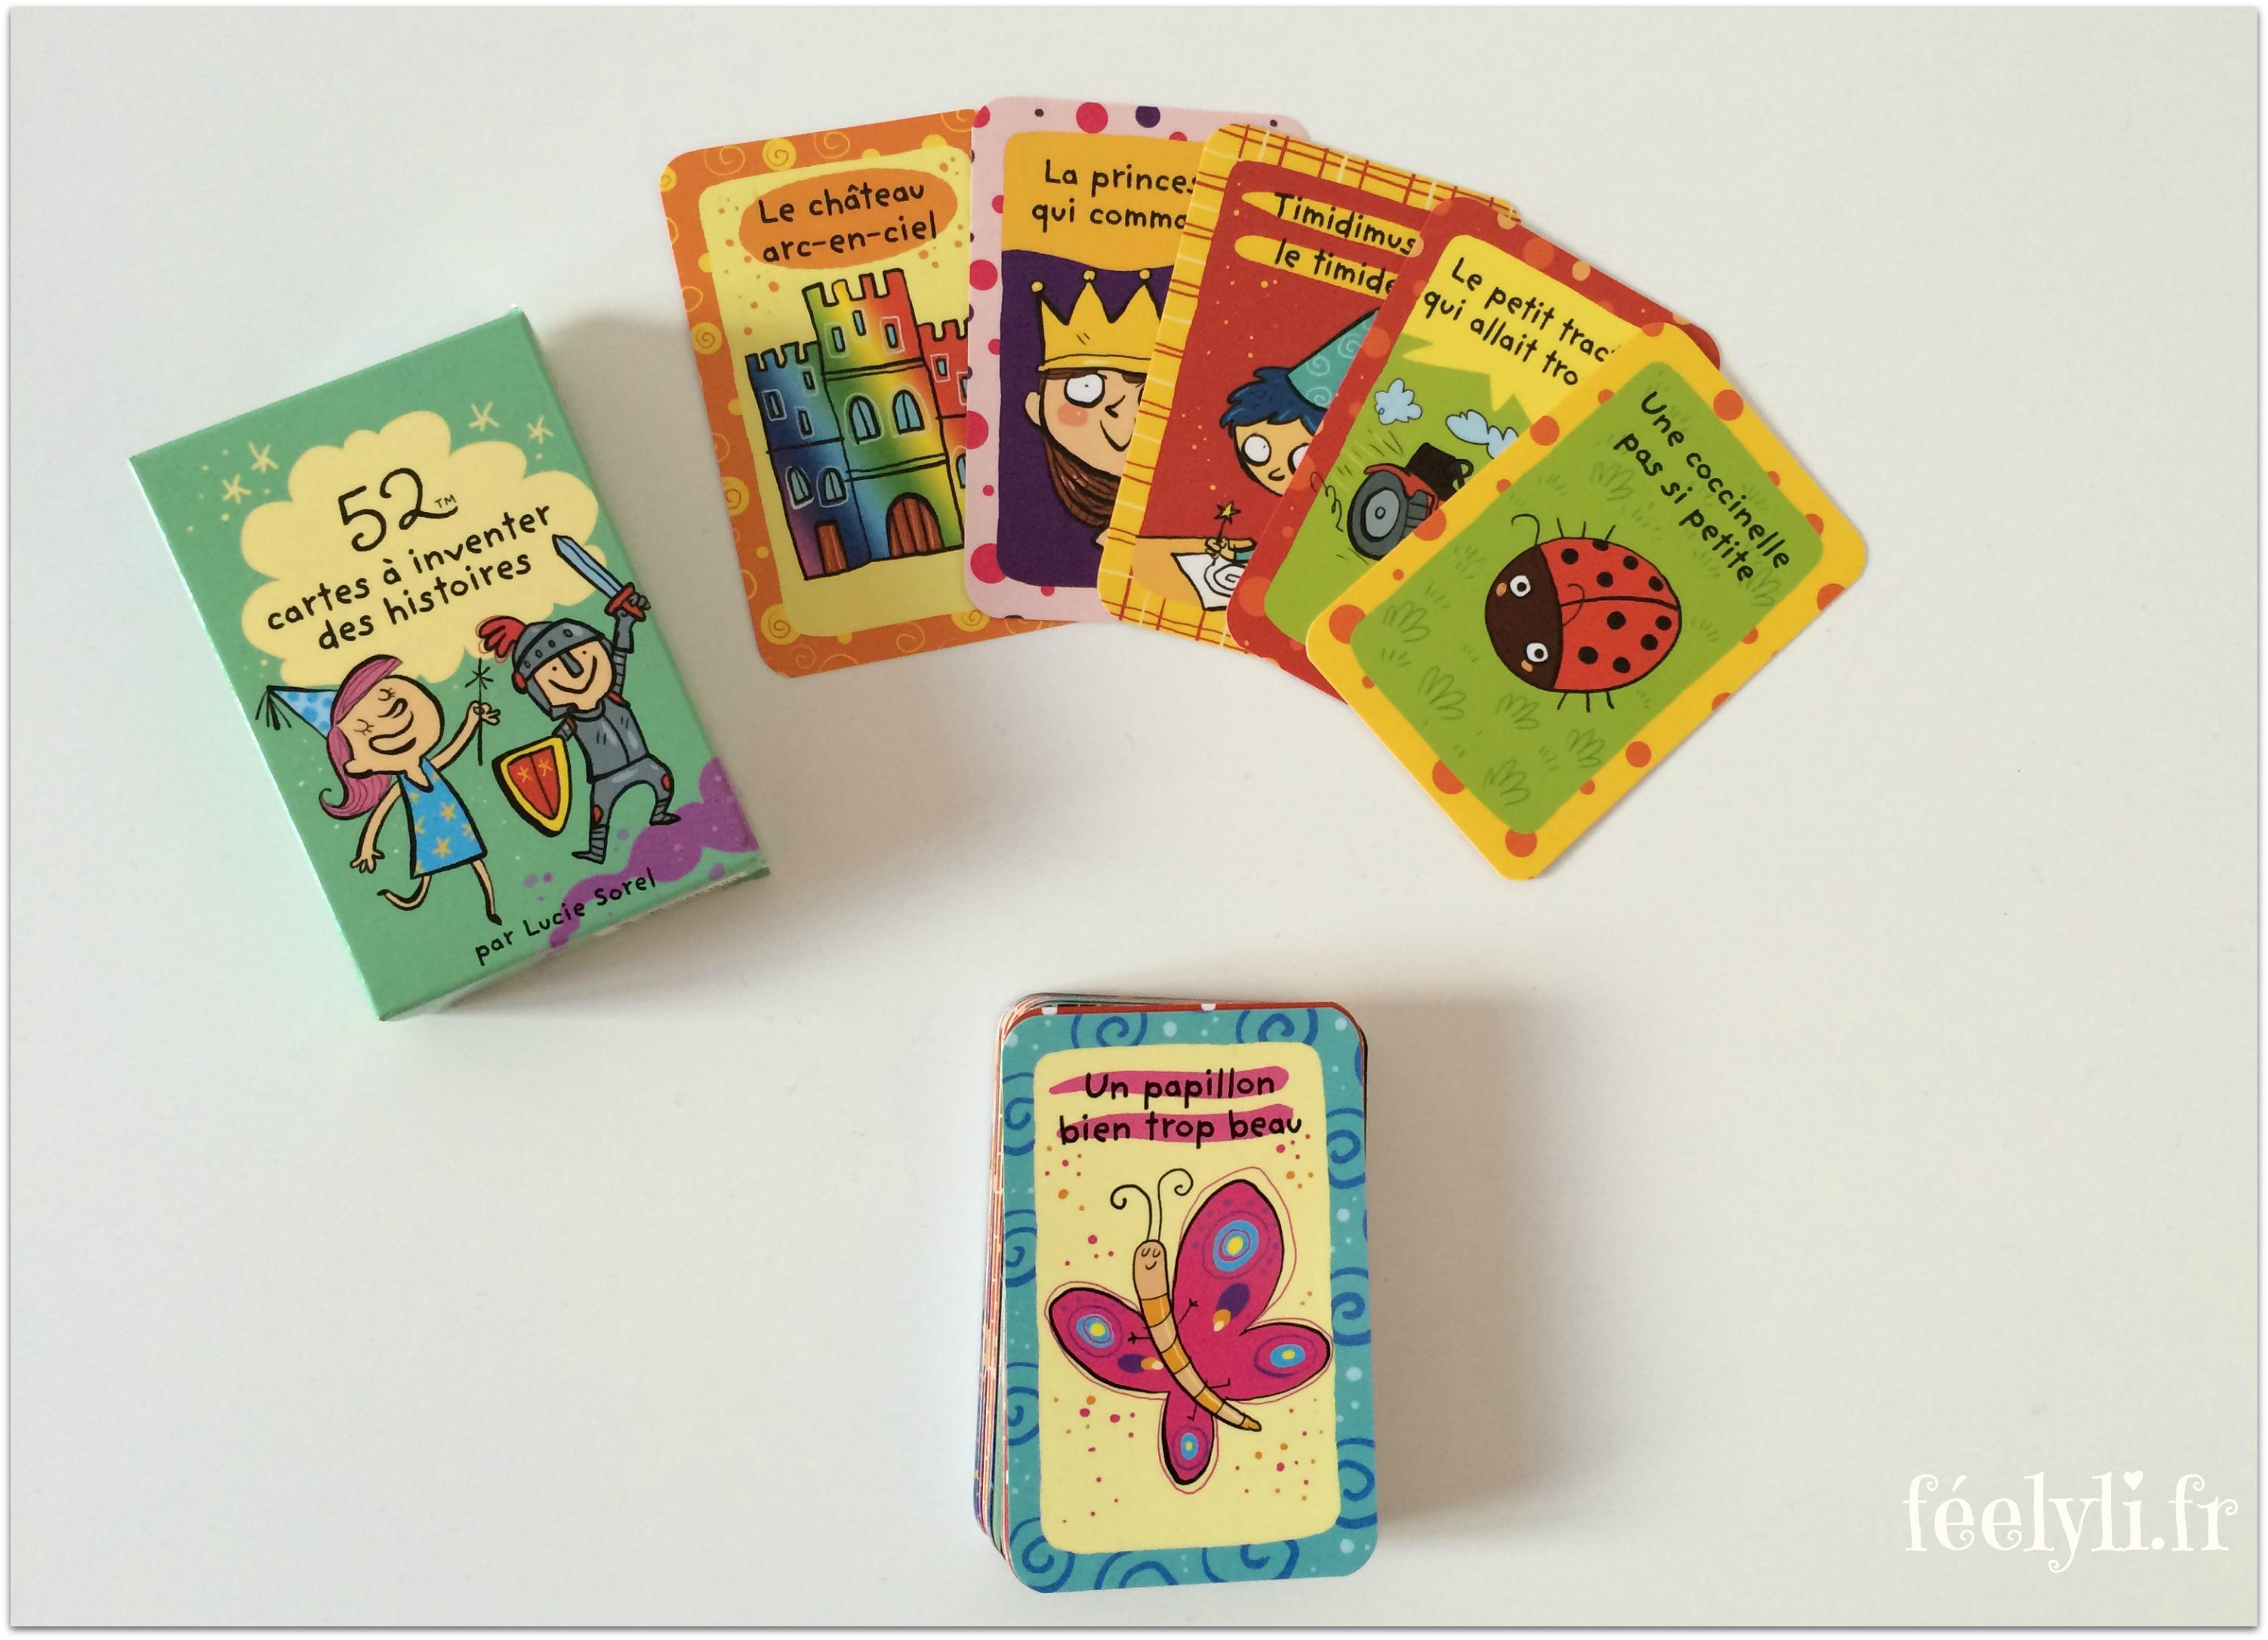 cartes à inventer des histoires